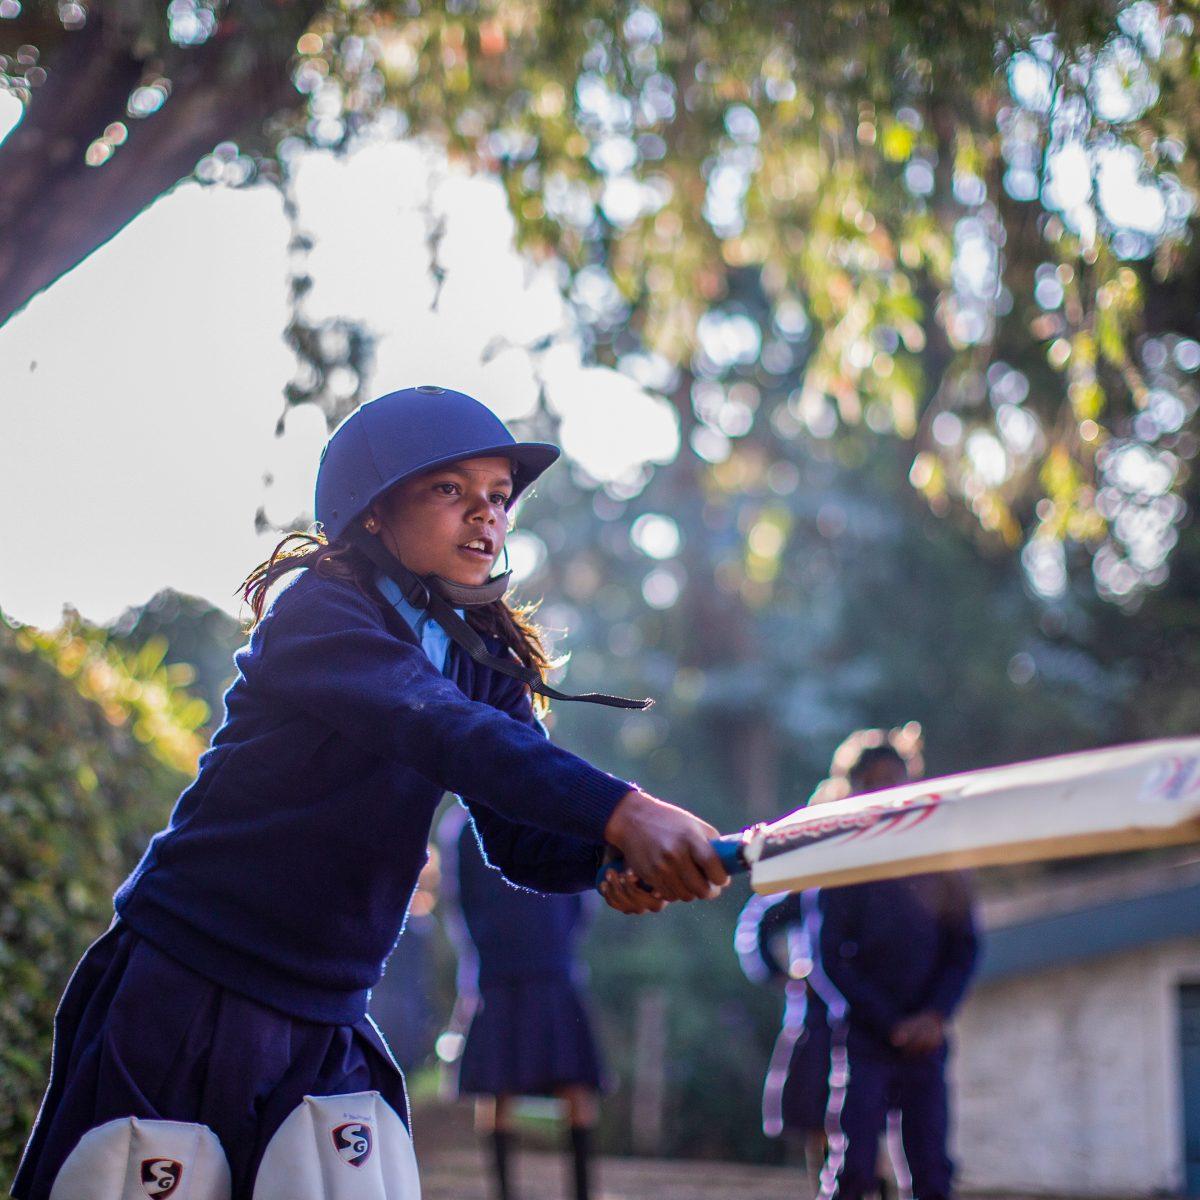 Equipements sportifs Ecole Primaire Panchayat Union